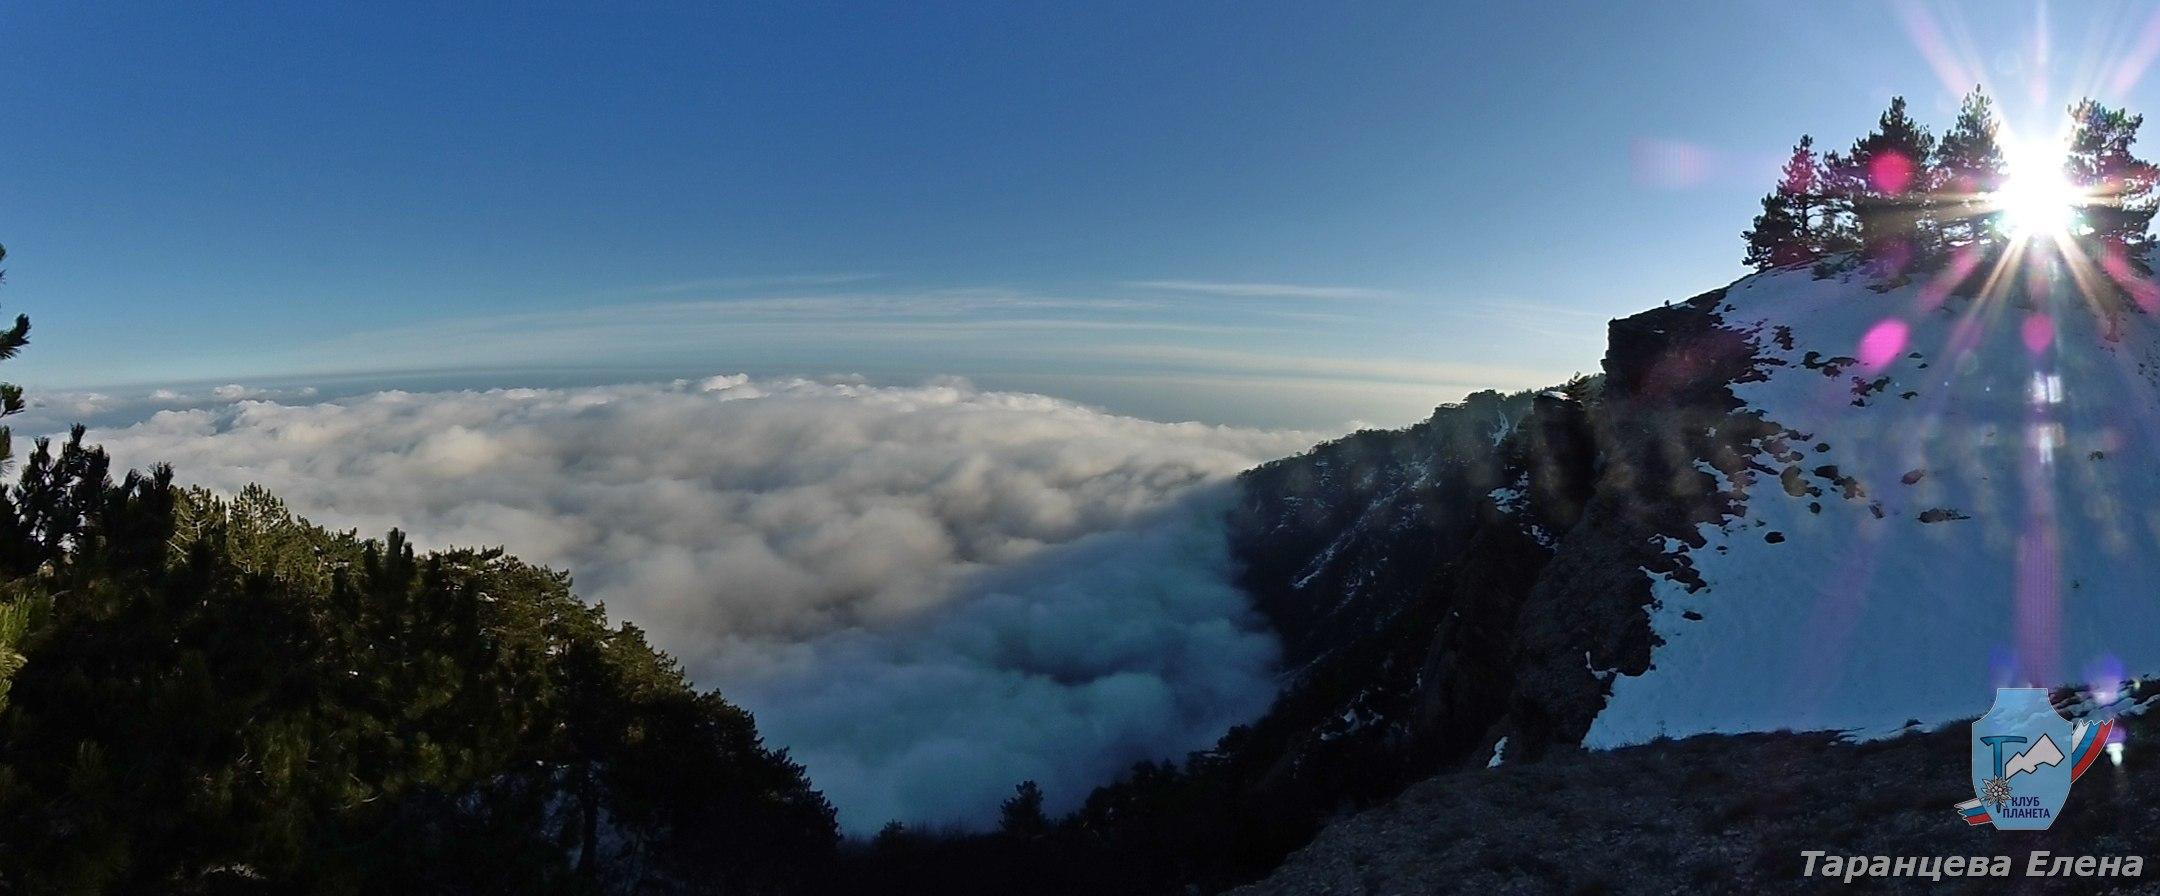 Поход по Верху Большого Крымского каньона! 5дней